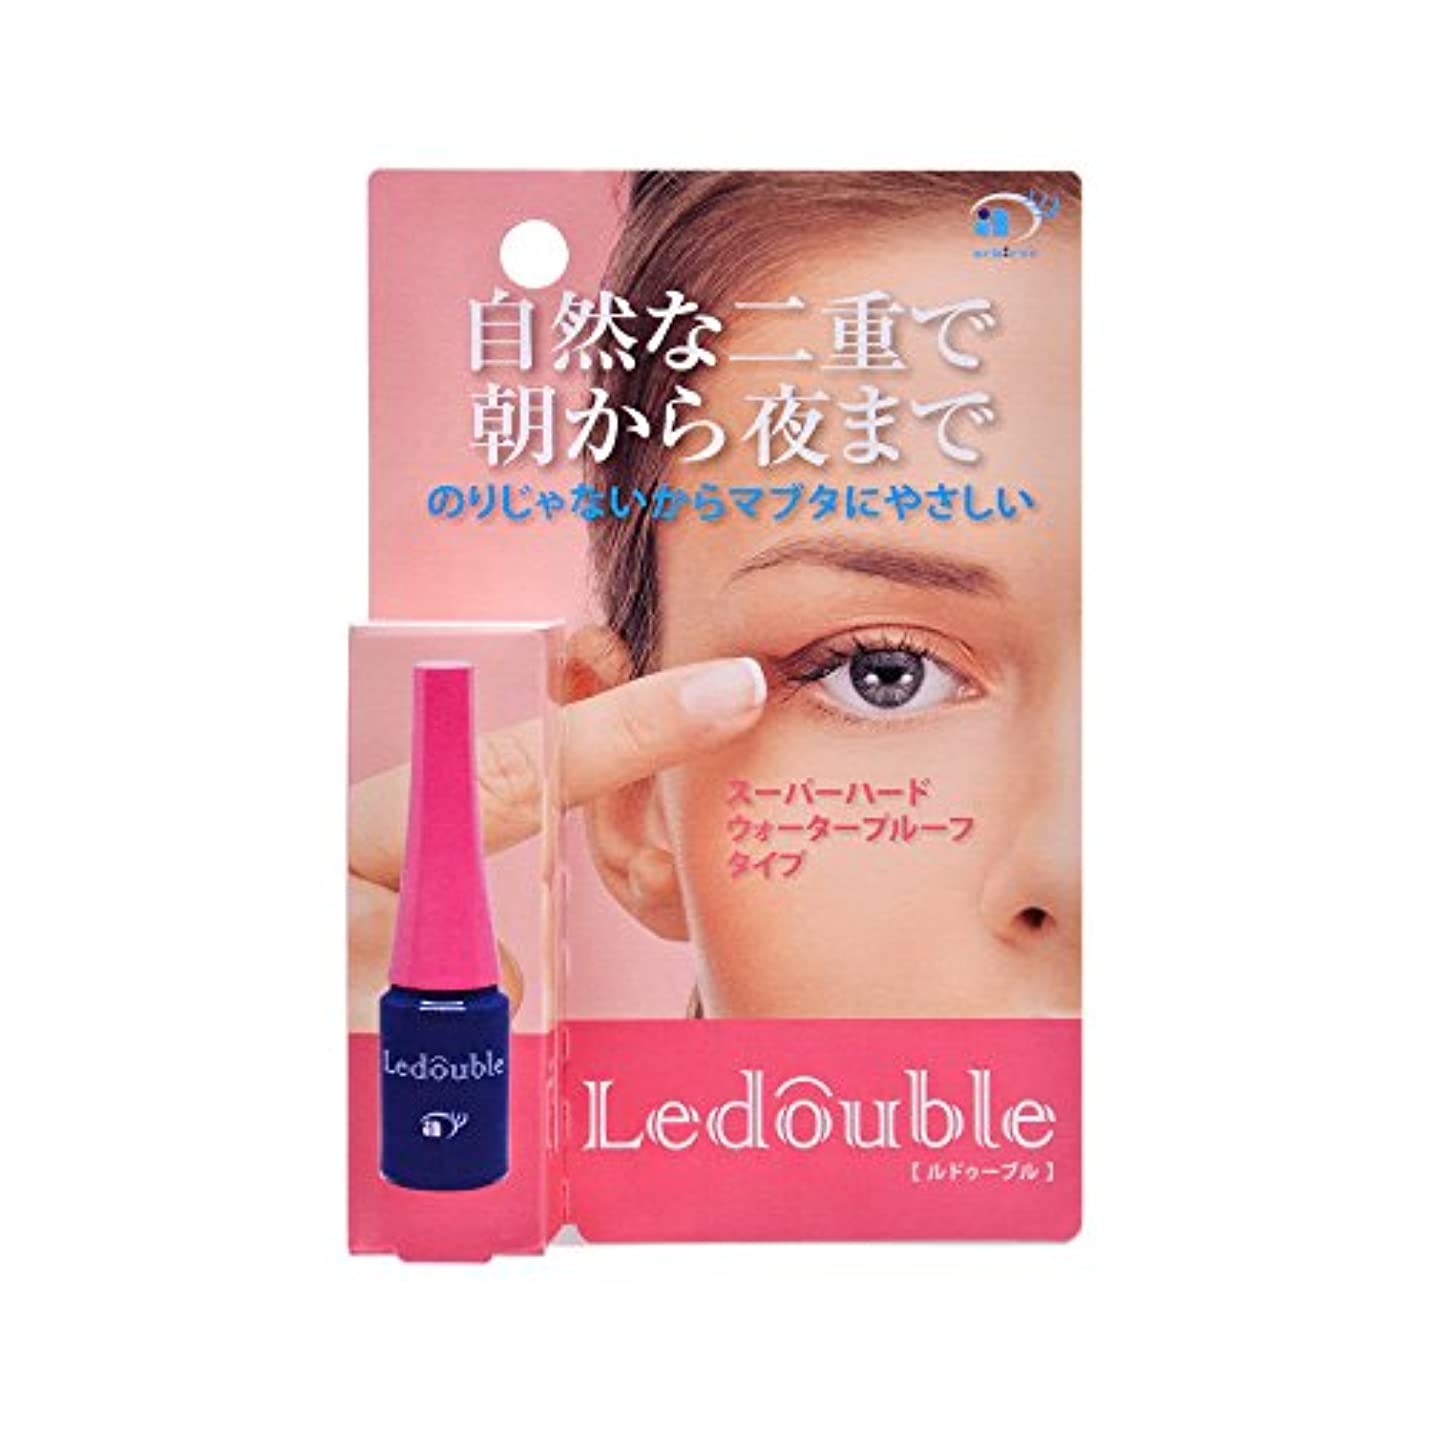 代替案警報自動的にLedouble [ルドゥーブル] 二重まぶた化粧品 (2mL)